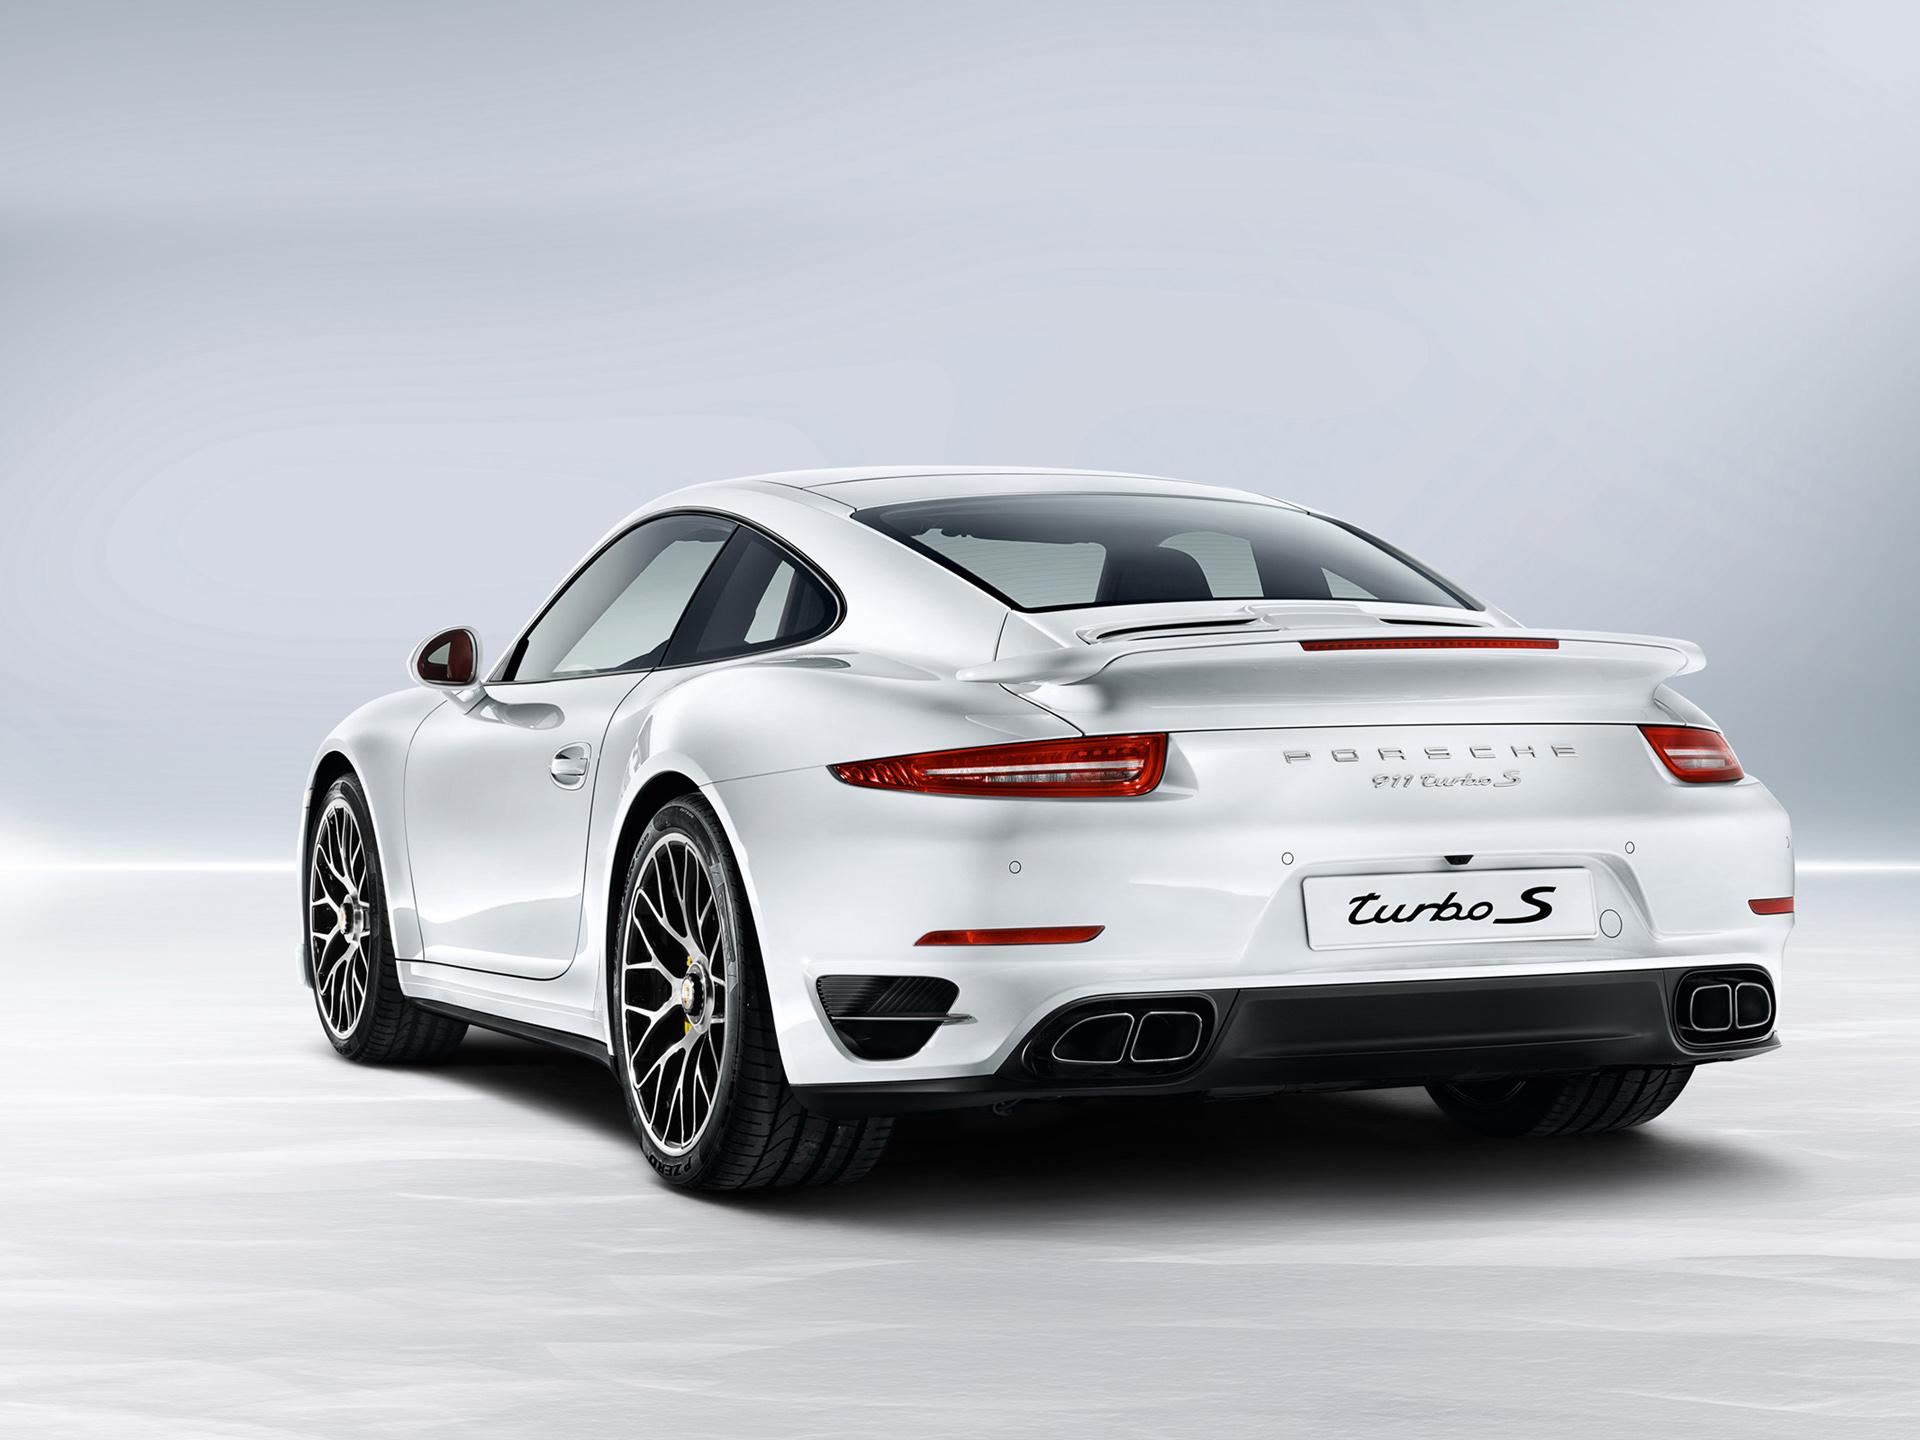 porsche 911 turbo s v2 1440 jpg 2014 porsche 911 turbo s wallpapers 1920x1440